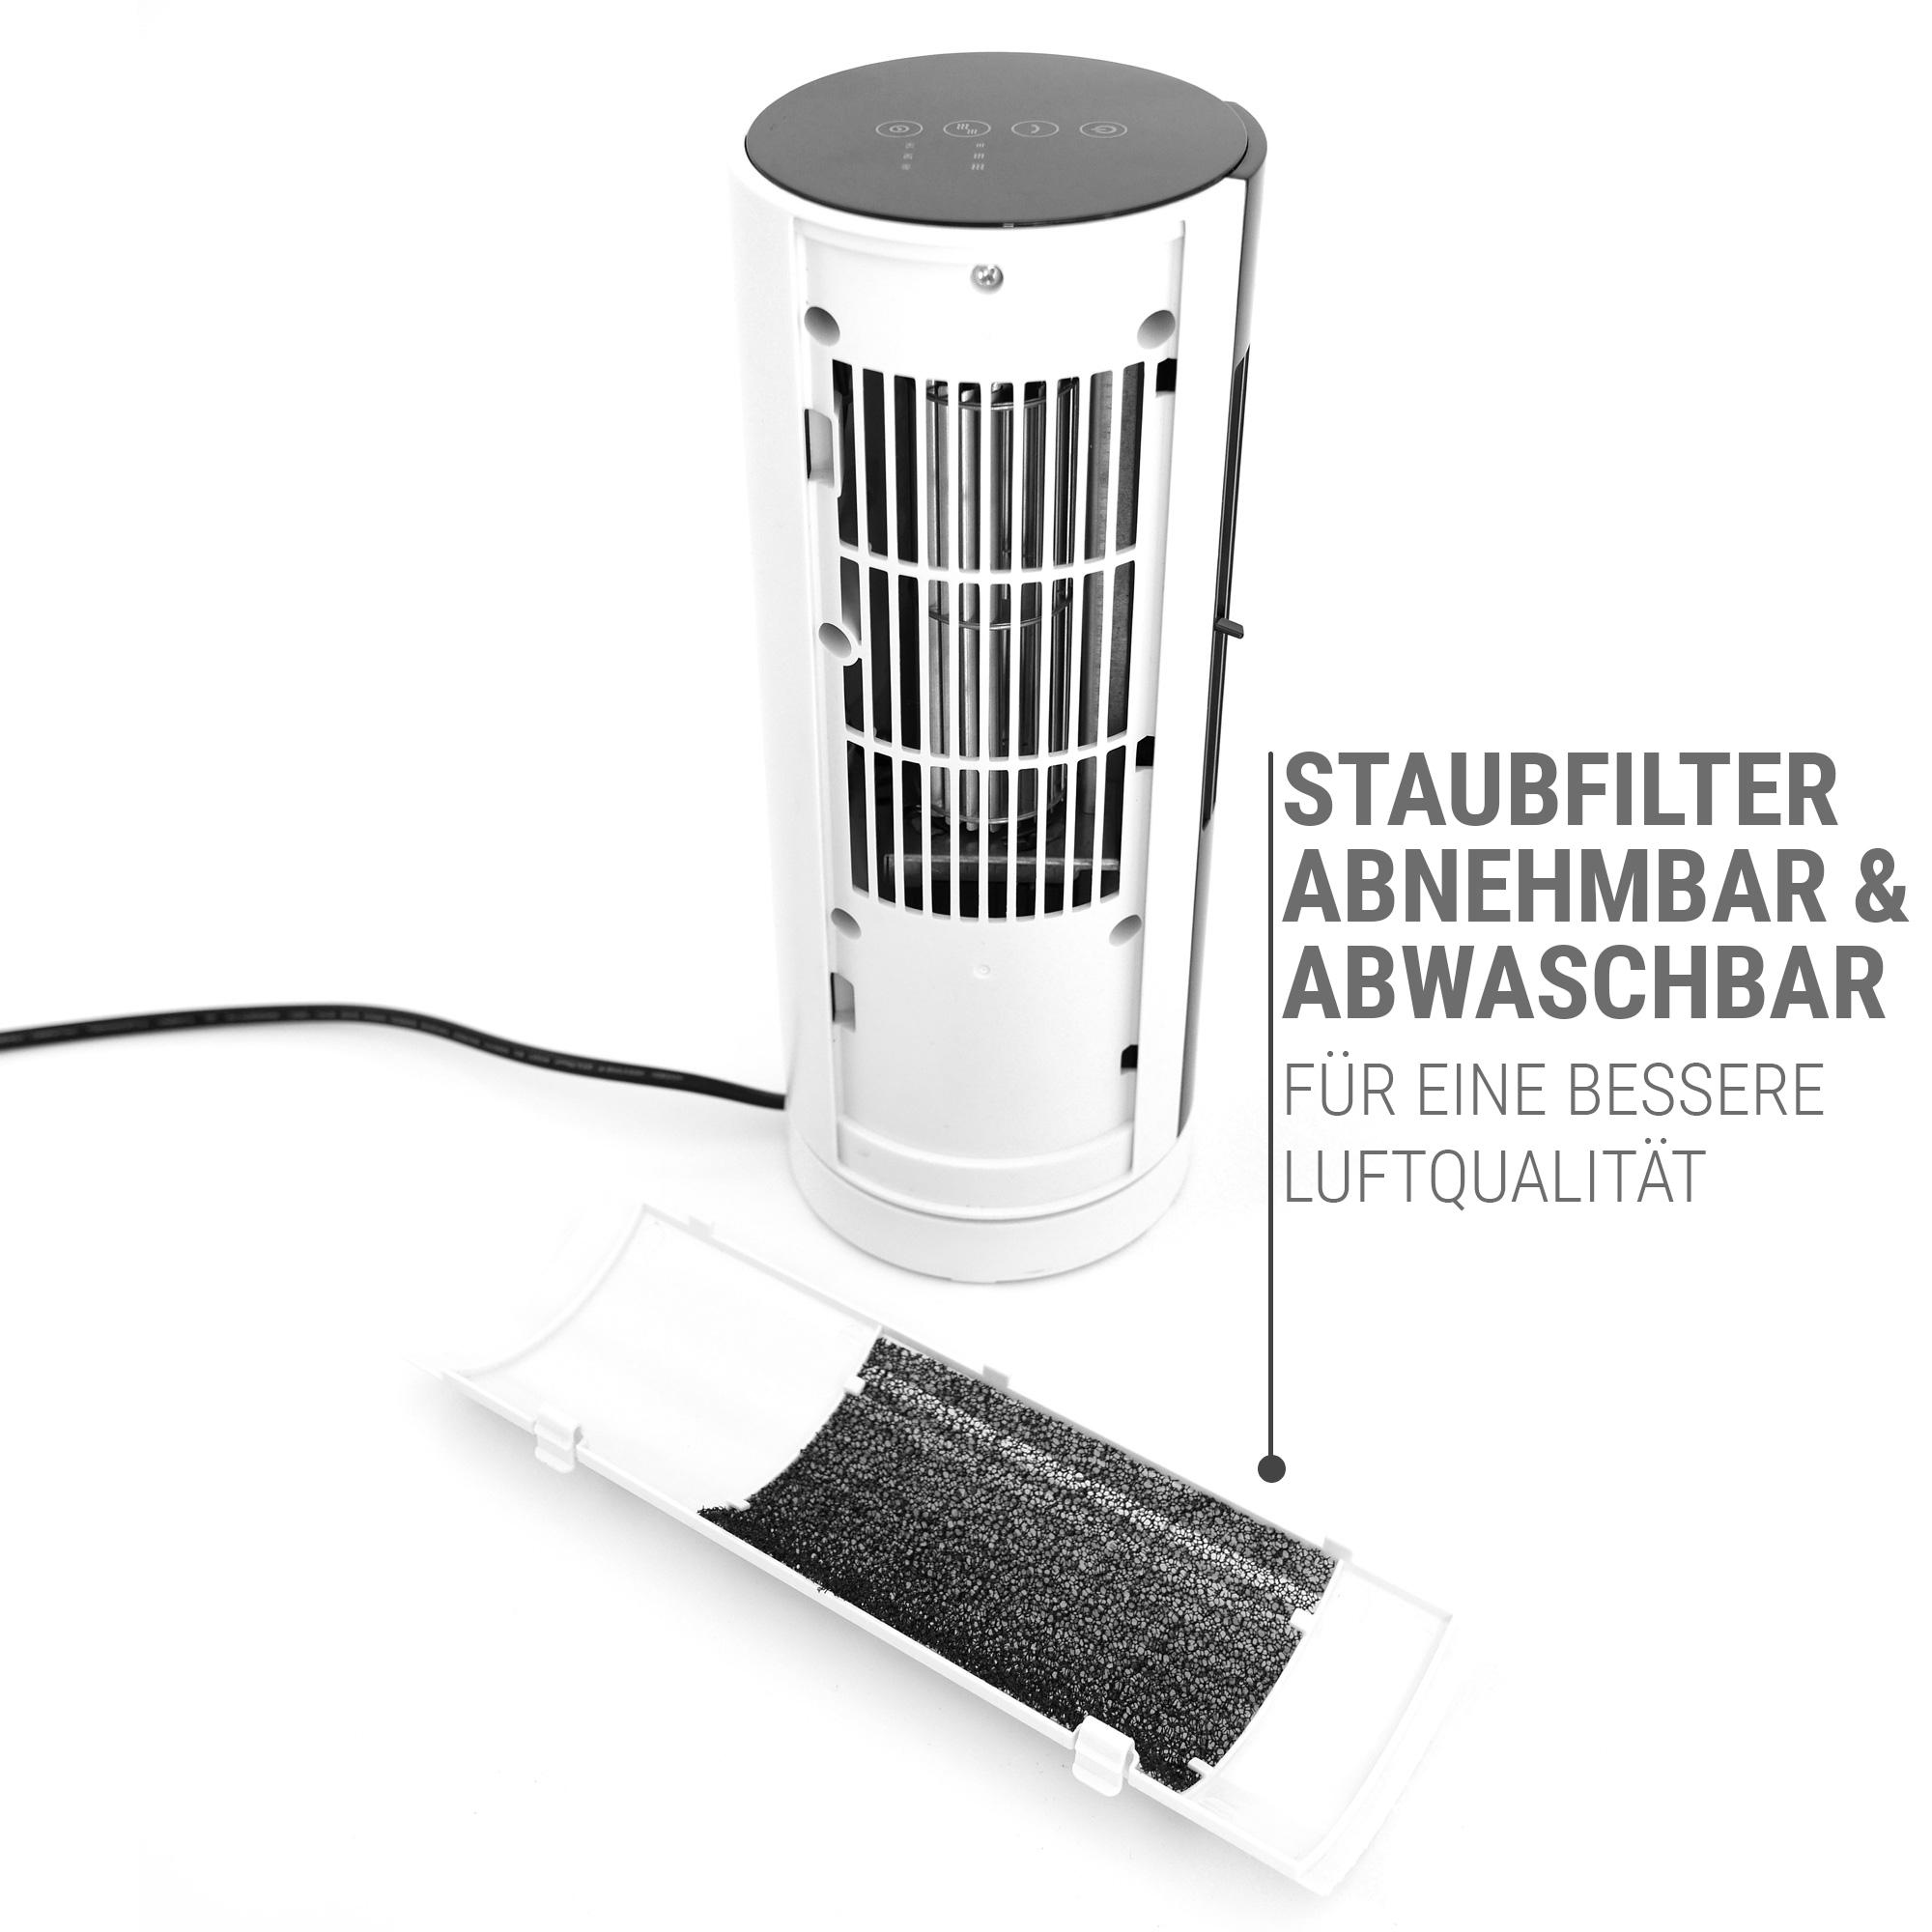 Turmventilator Tischventilator schwarz weiß mit Filter